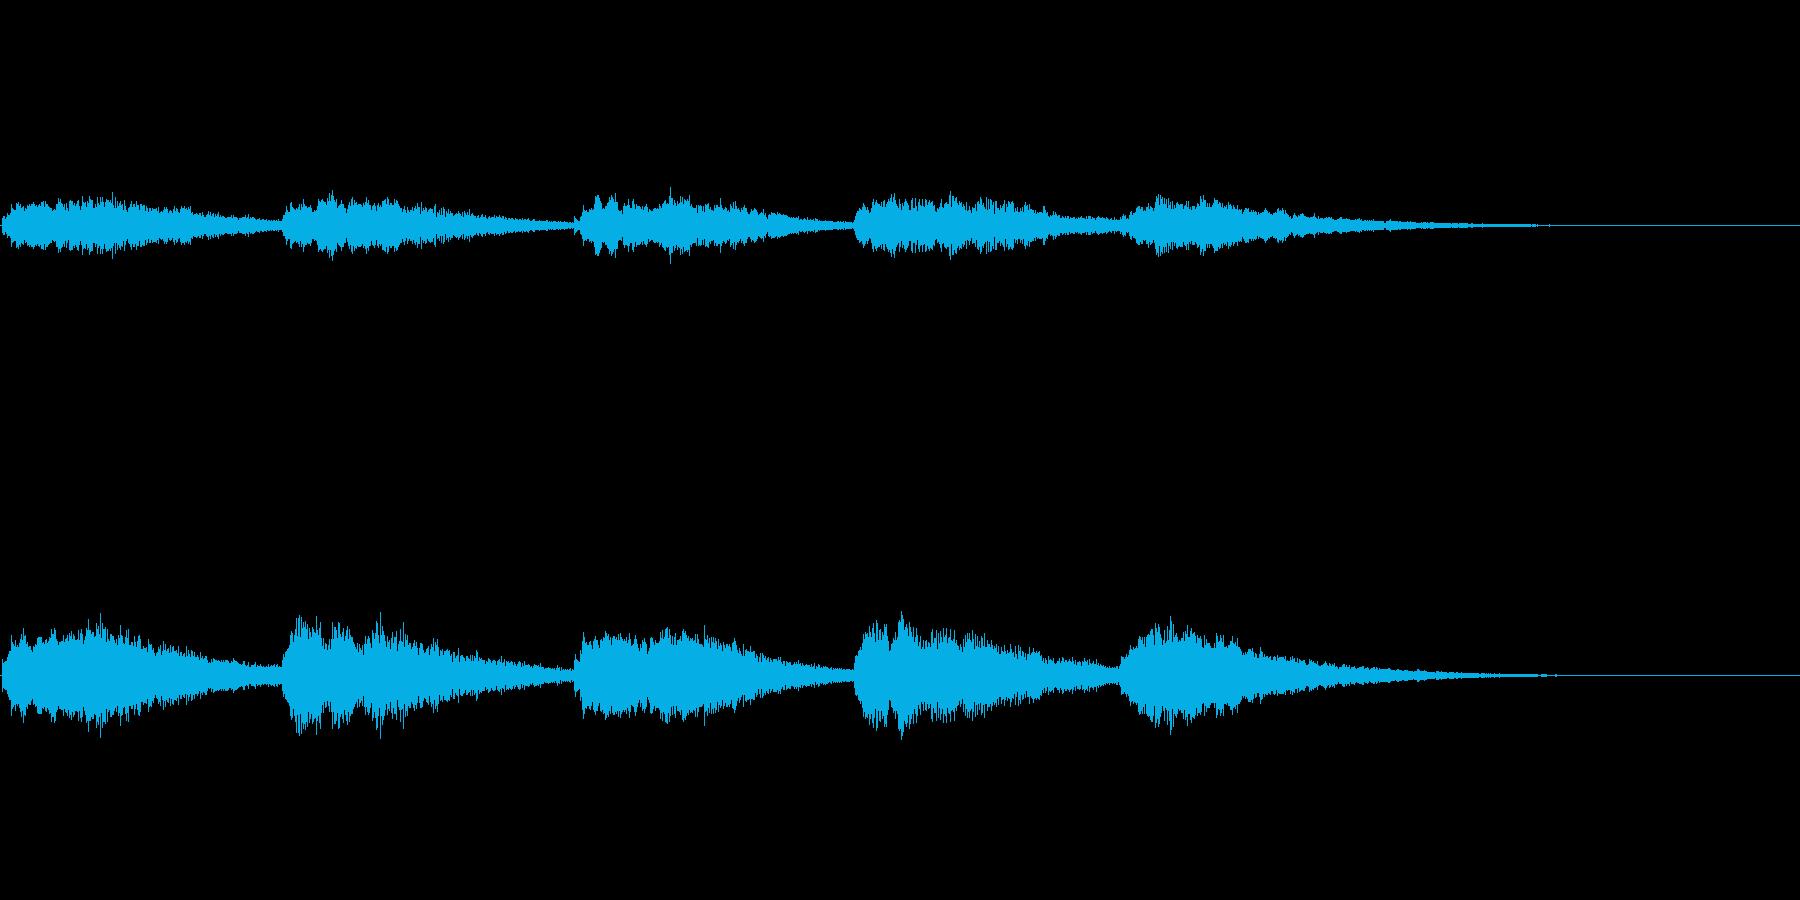 オープニングベル1の再生済みの波形